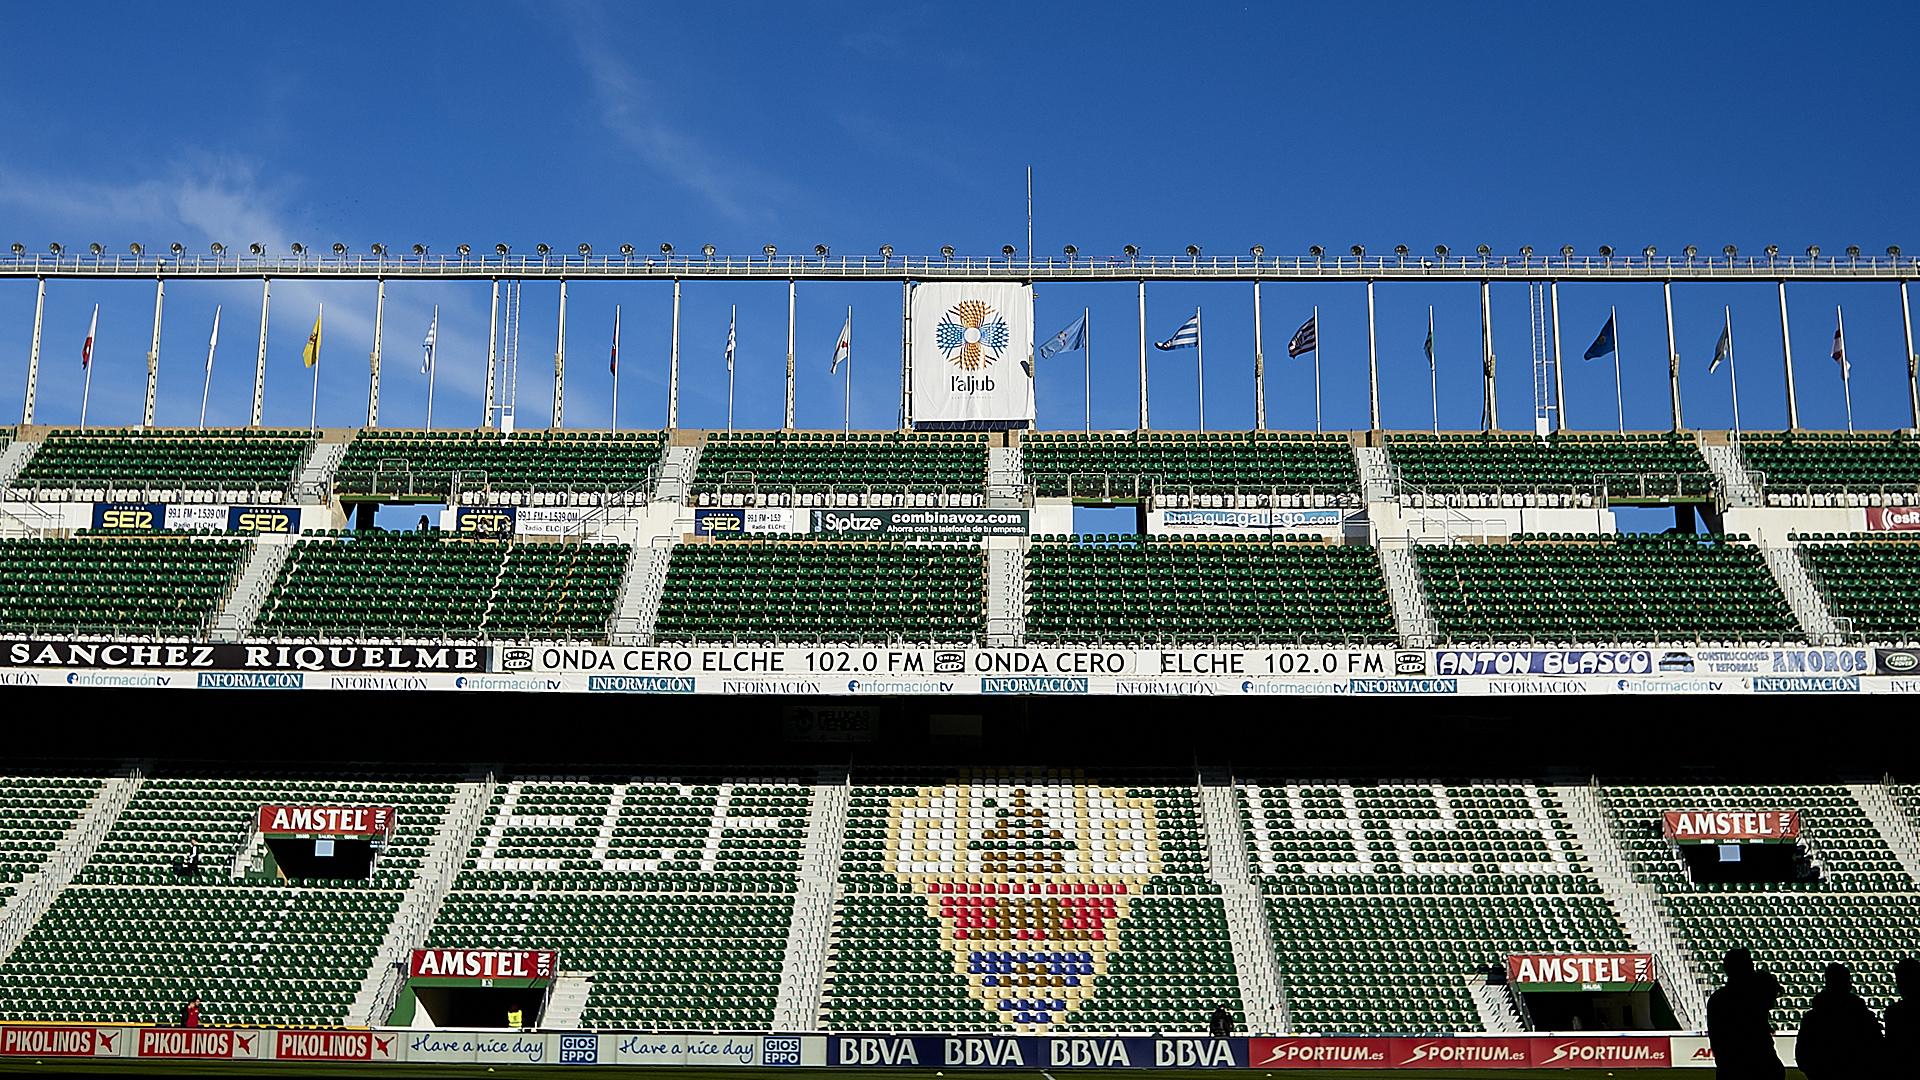 FC Elche Manuel Martinez Valero Stadion Primera Division 01242015